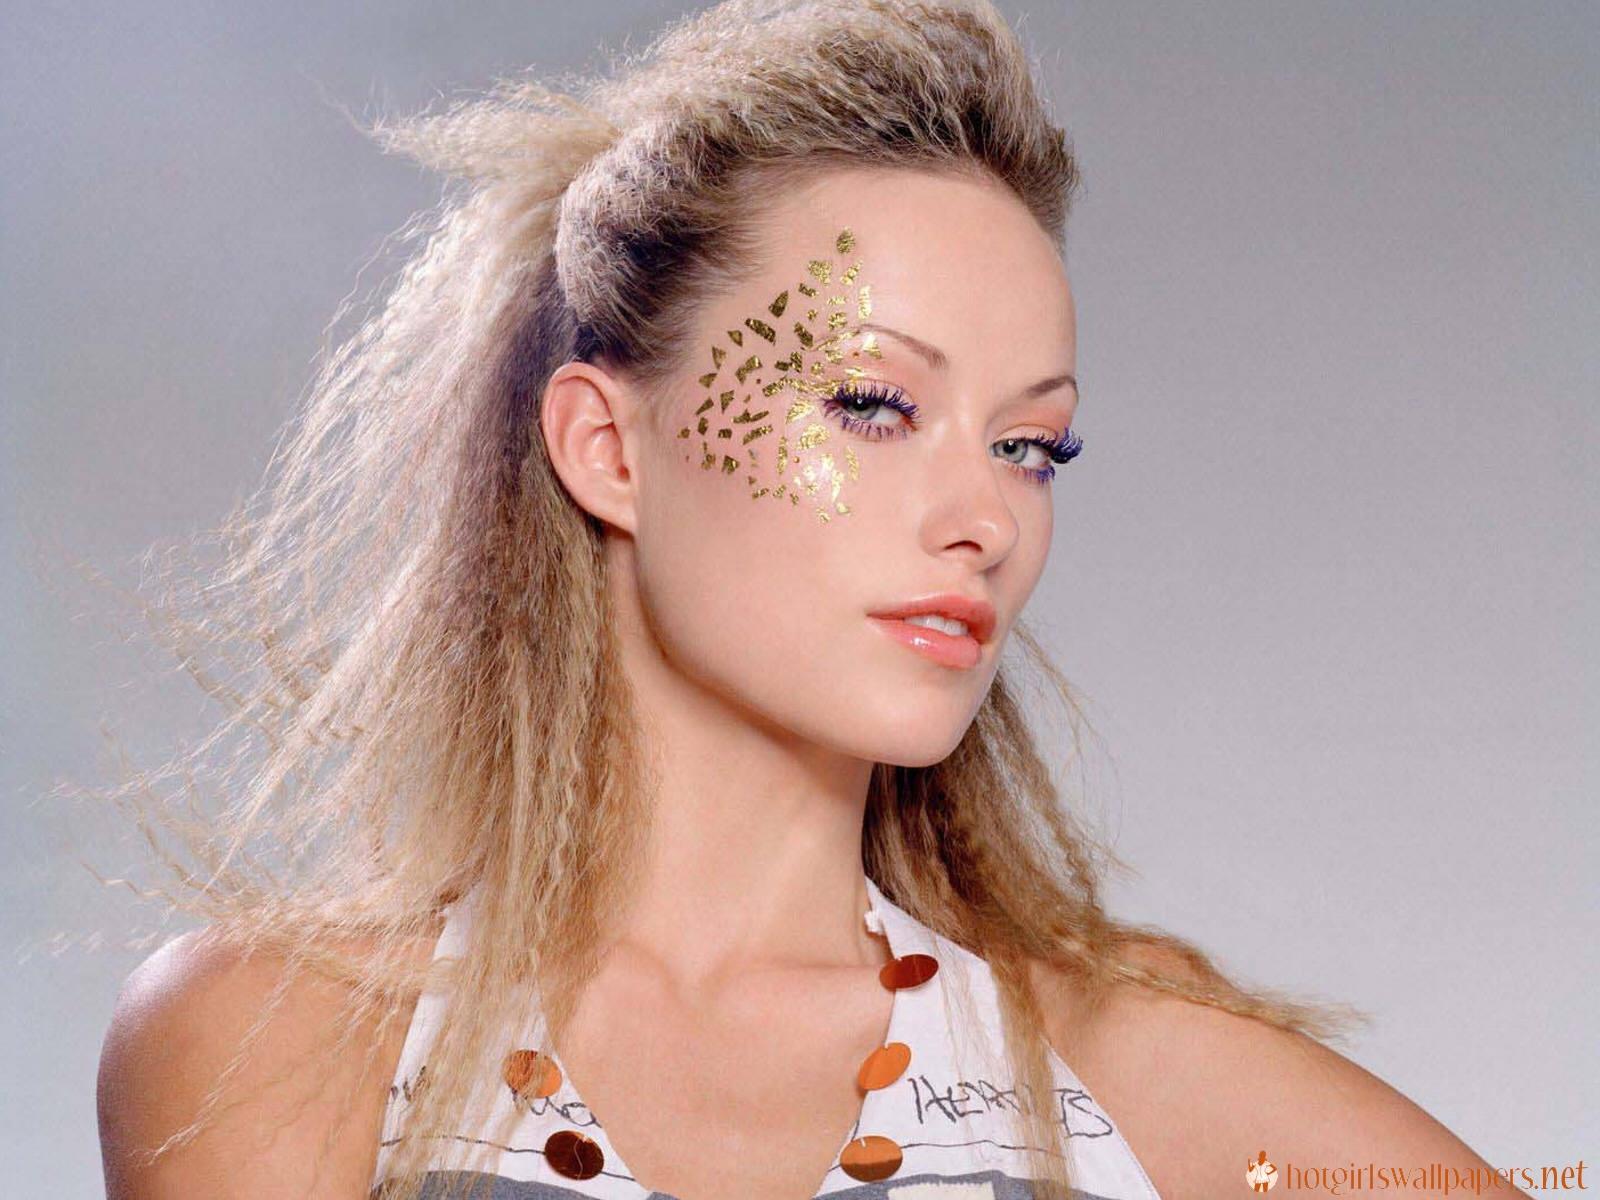 Sexy Makeup Girl